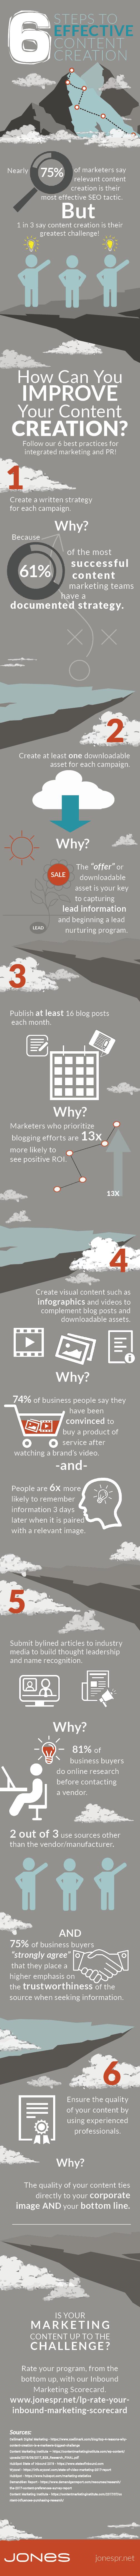 Jones-infographic-inbound-marketing-content-creation-checklistDraft3